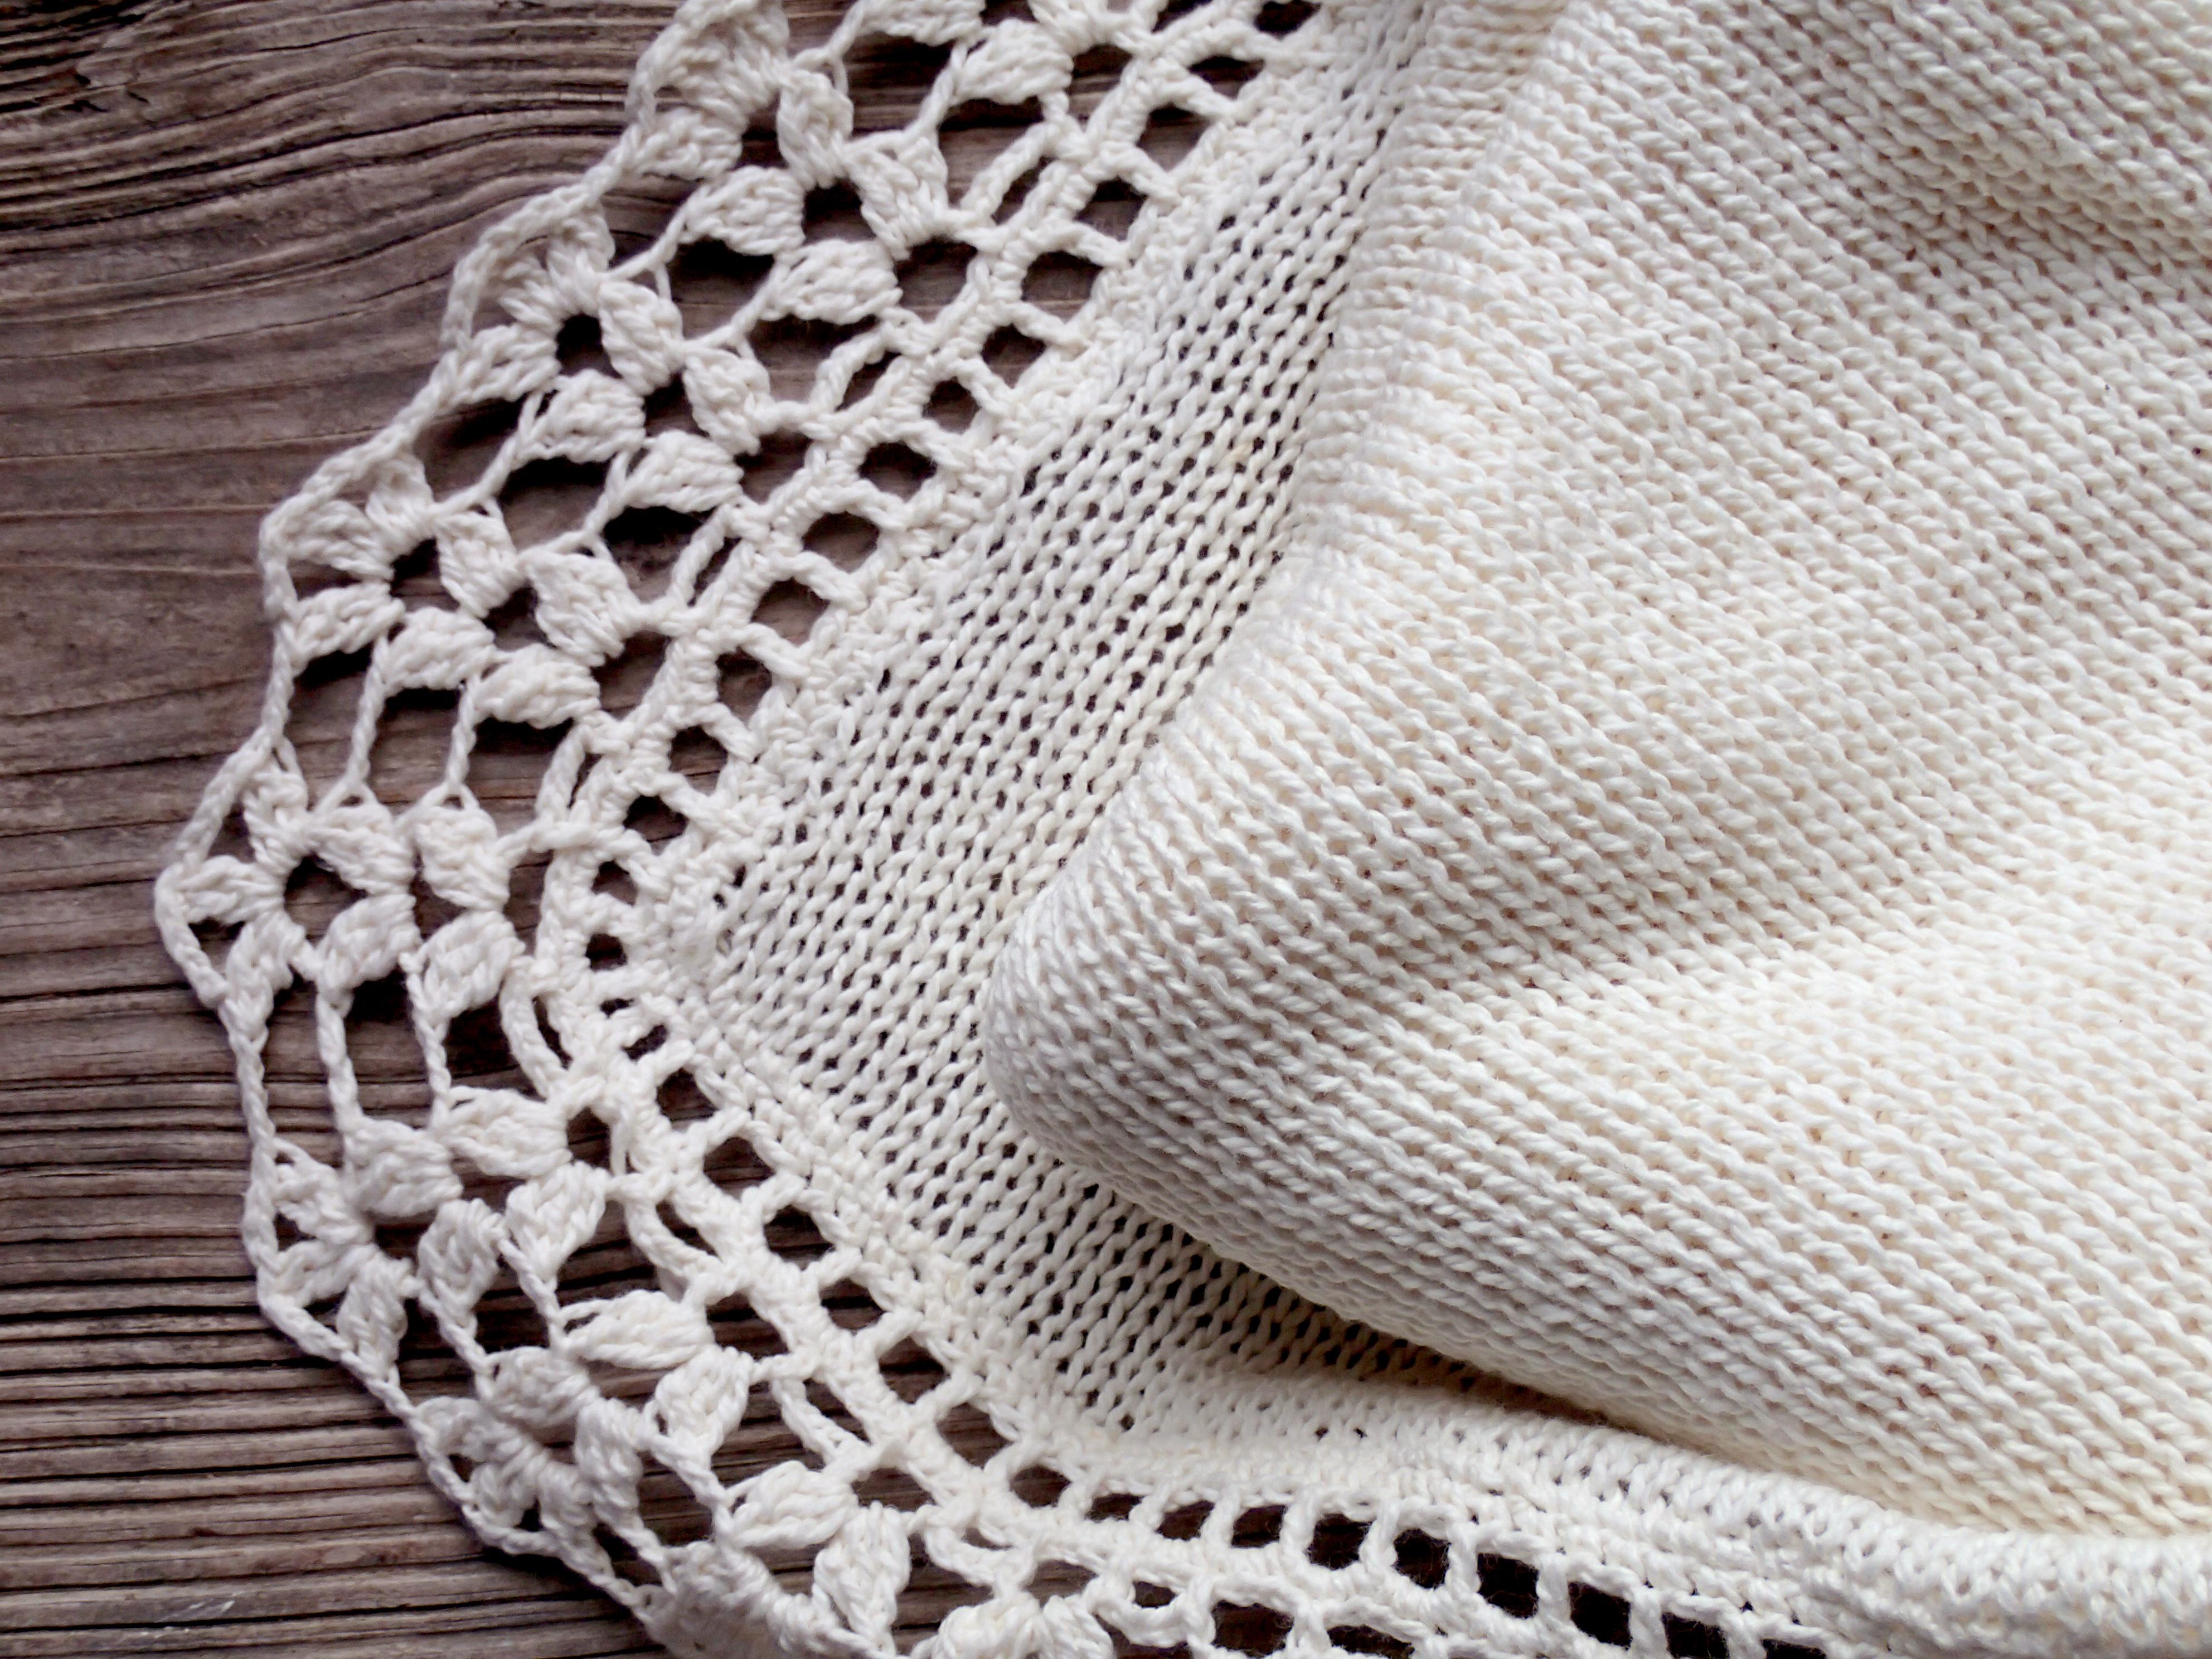 Fotos gratis : blanco, rústico, patrón, tejer, material, tejido de ...